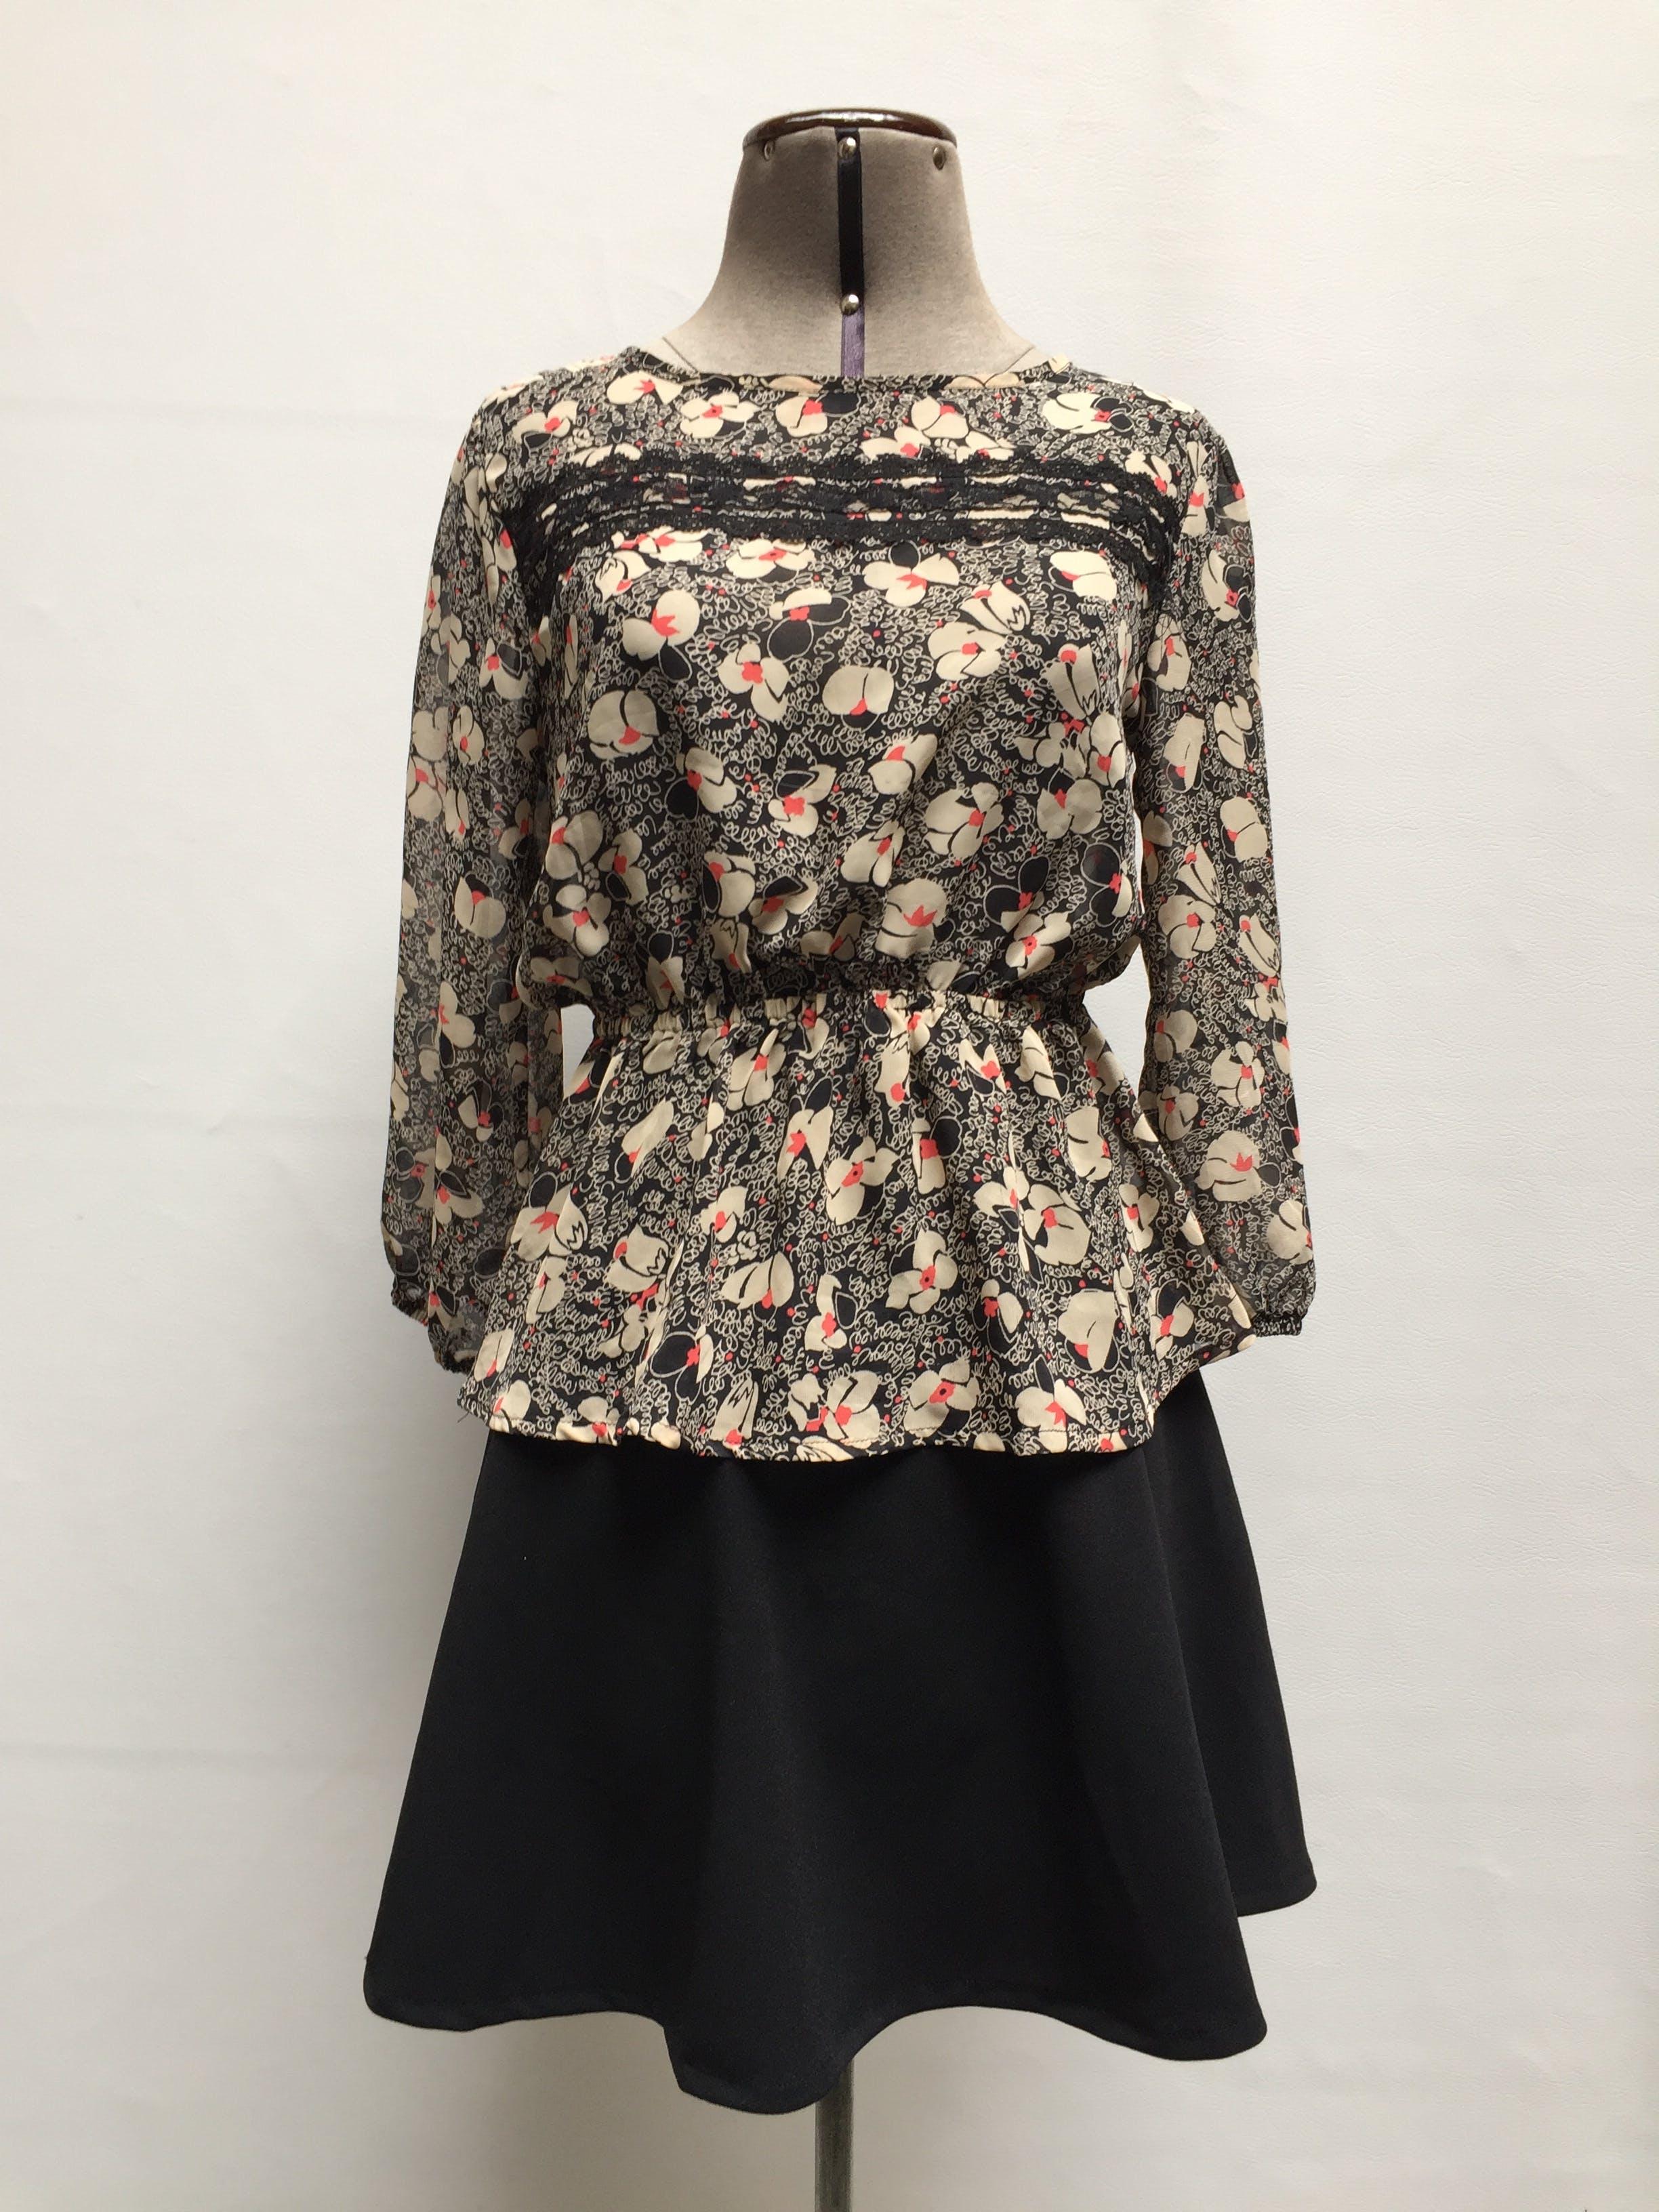 Blusa de gasa negra con estampado de flores beige y anaranjadas, elástico en la cintura y guipur en el pecho. Linda! Talla XS/S